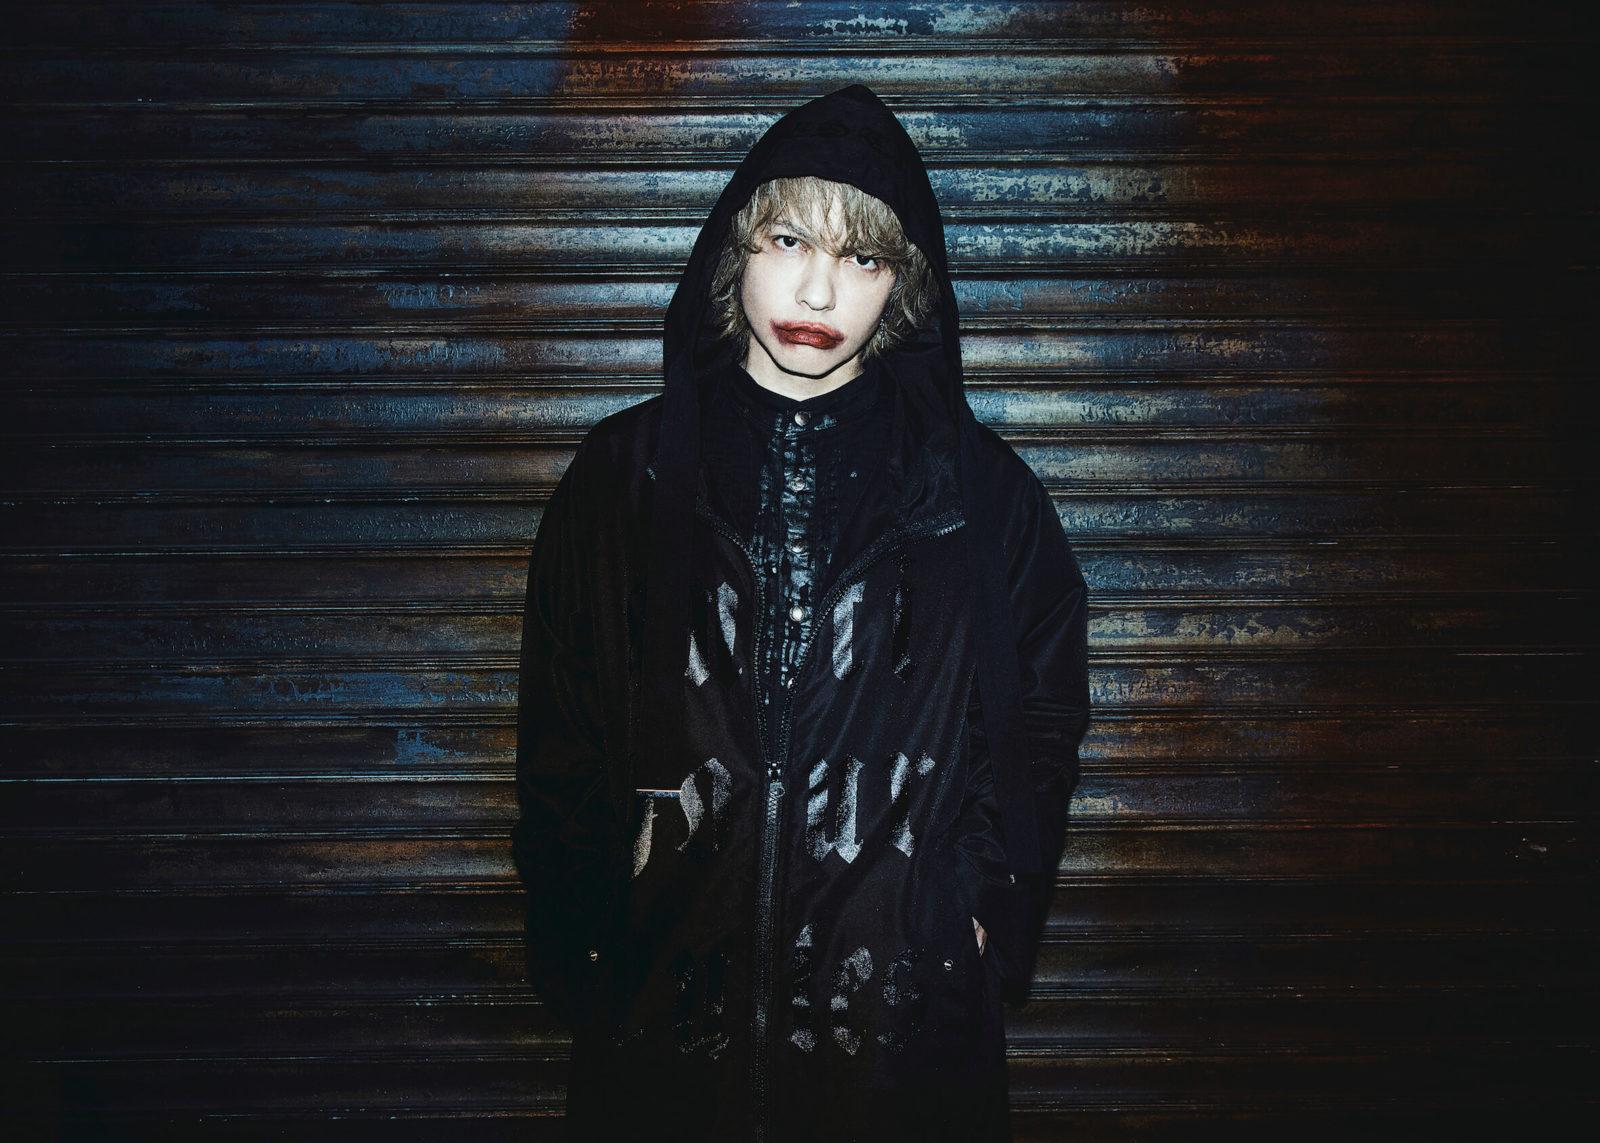 """HYDE、ライブ中の""""激痛""""ハプニング明かす「ノールックで落ちたんですよ」サムネイル画像"""